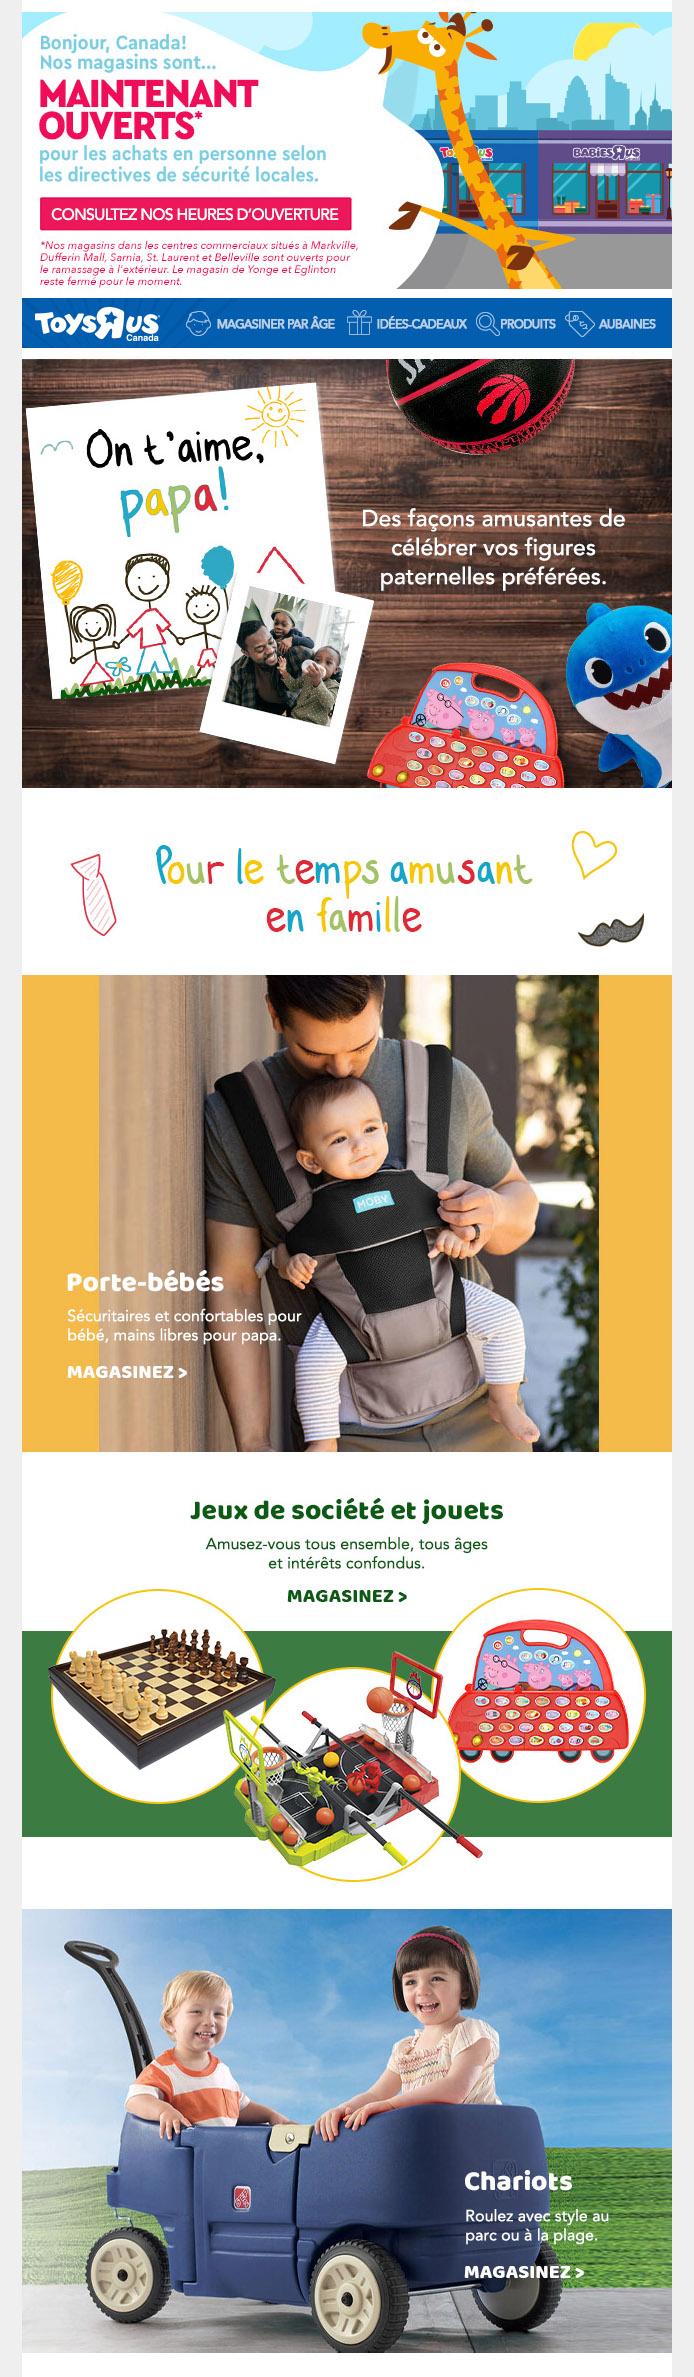 Obtenez De Super Cadeaux Pour Papa!